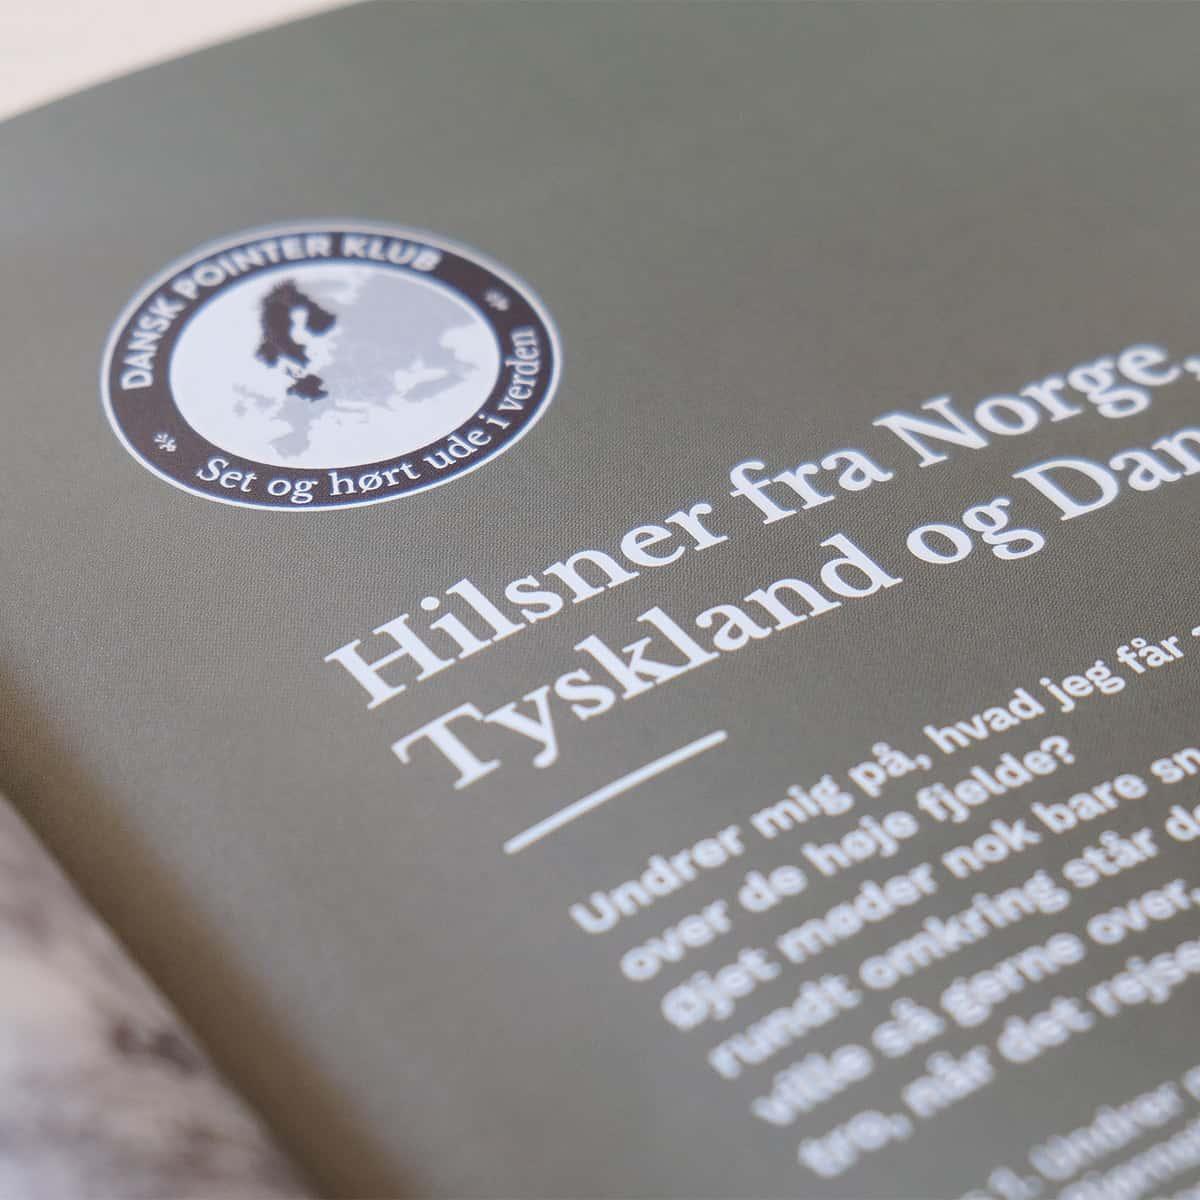 dansk-pointer-klubs-årbog-historier